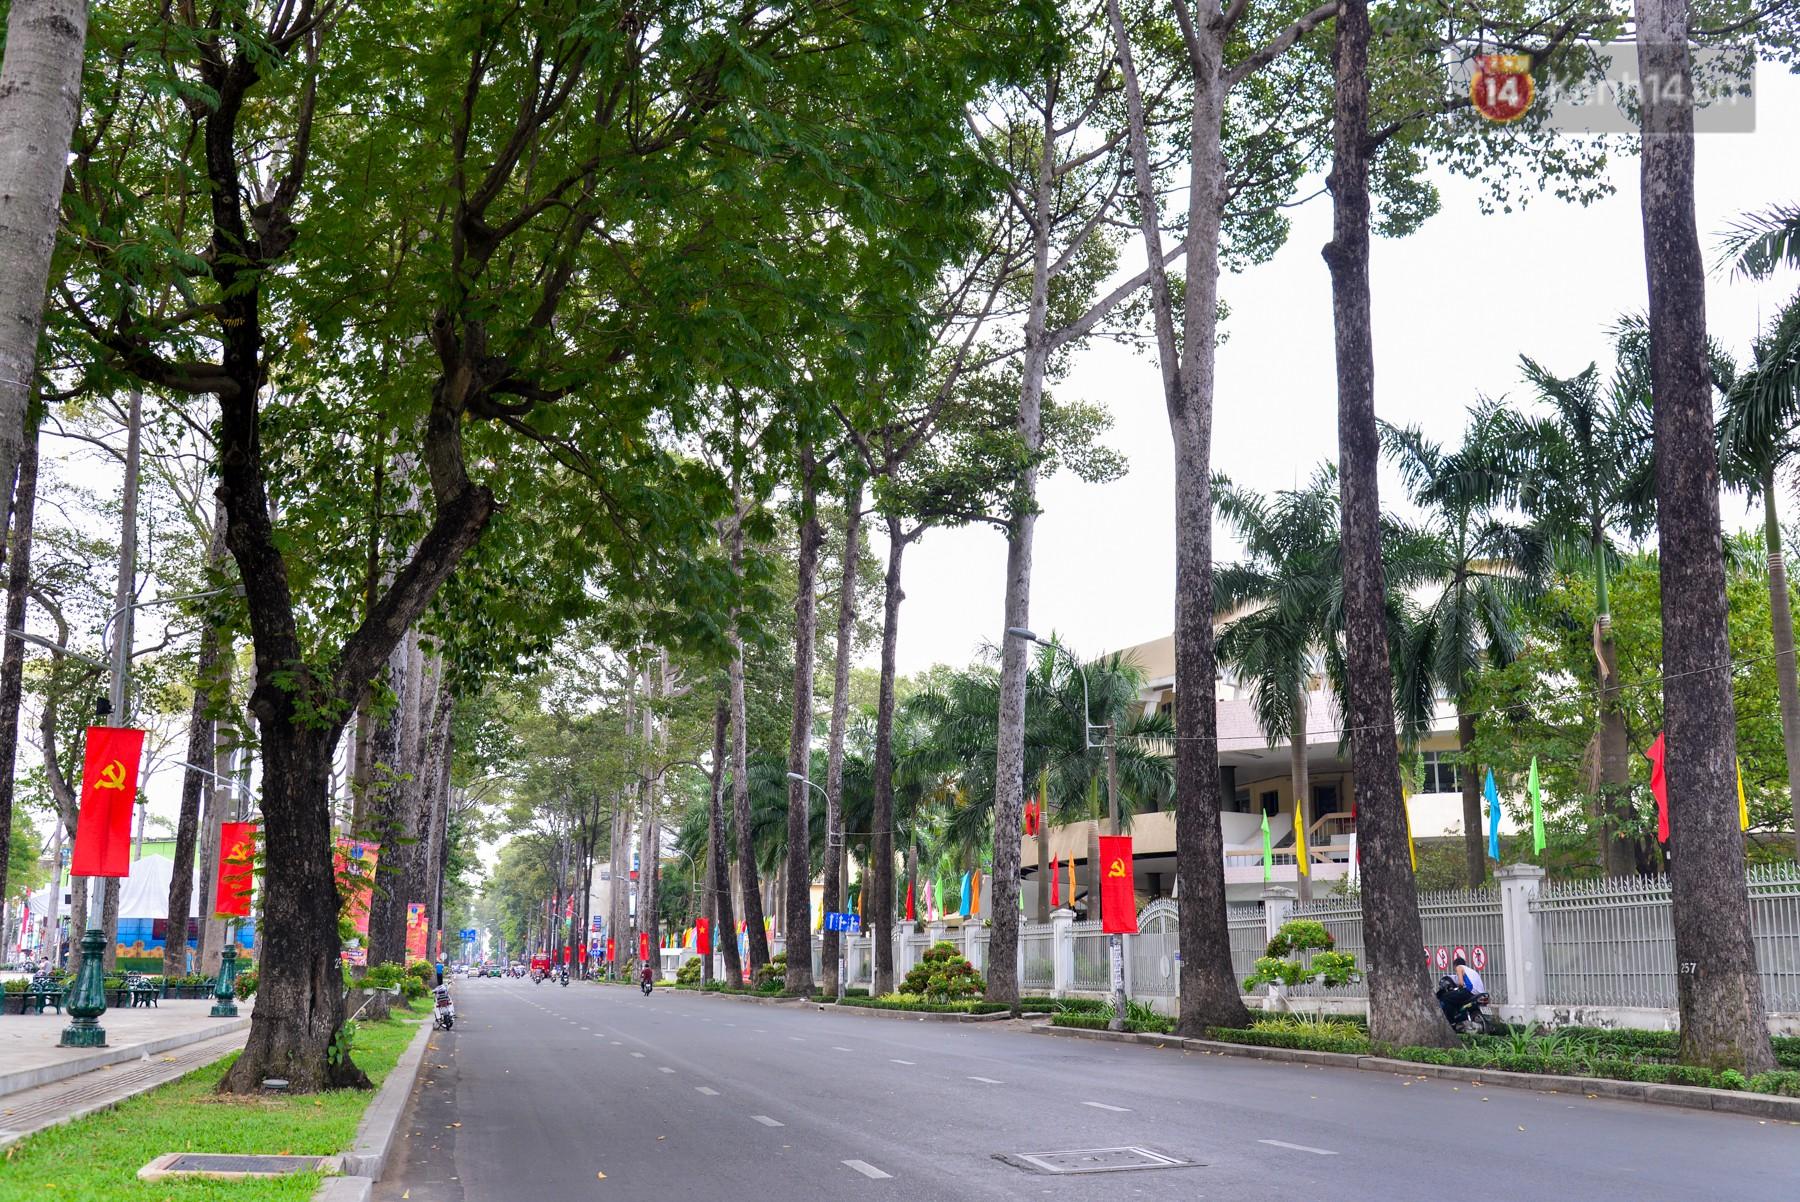 Chùm ảnh: Những ngày này, có một Sài Gòn tĩnh lặng lạ thường khi người dân đã rủ nhau đi trốn - Ảnh 1.